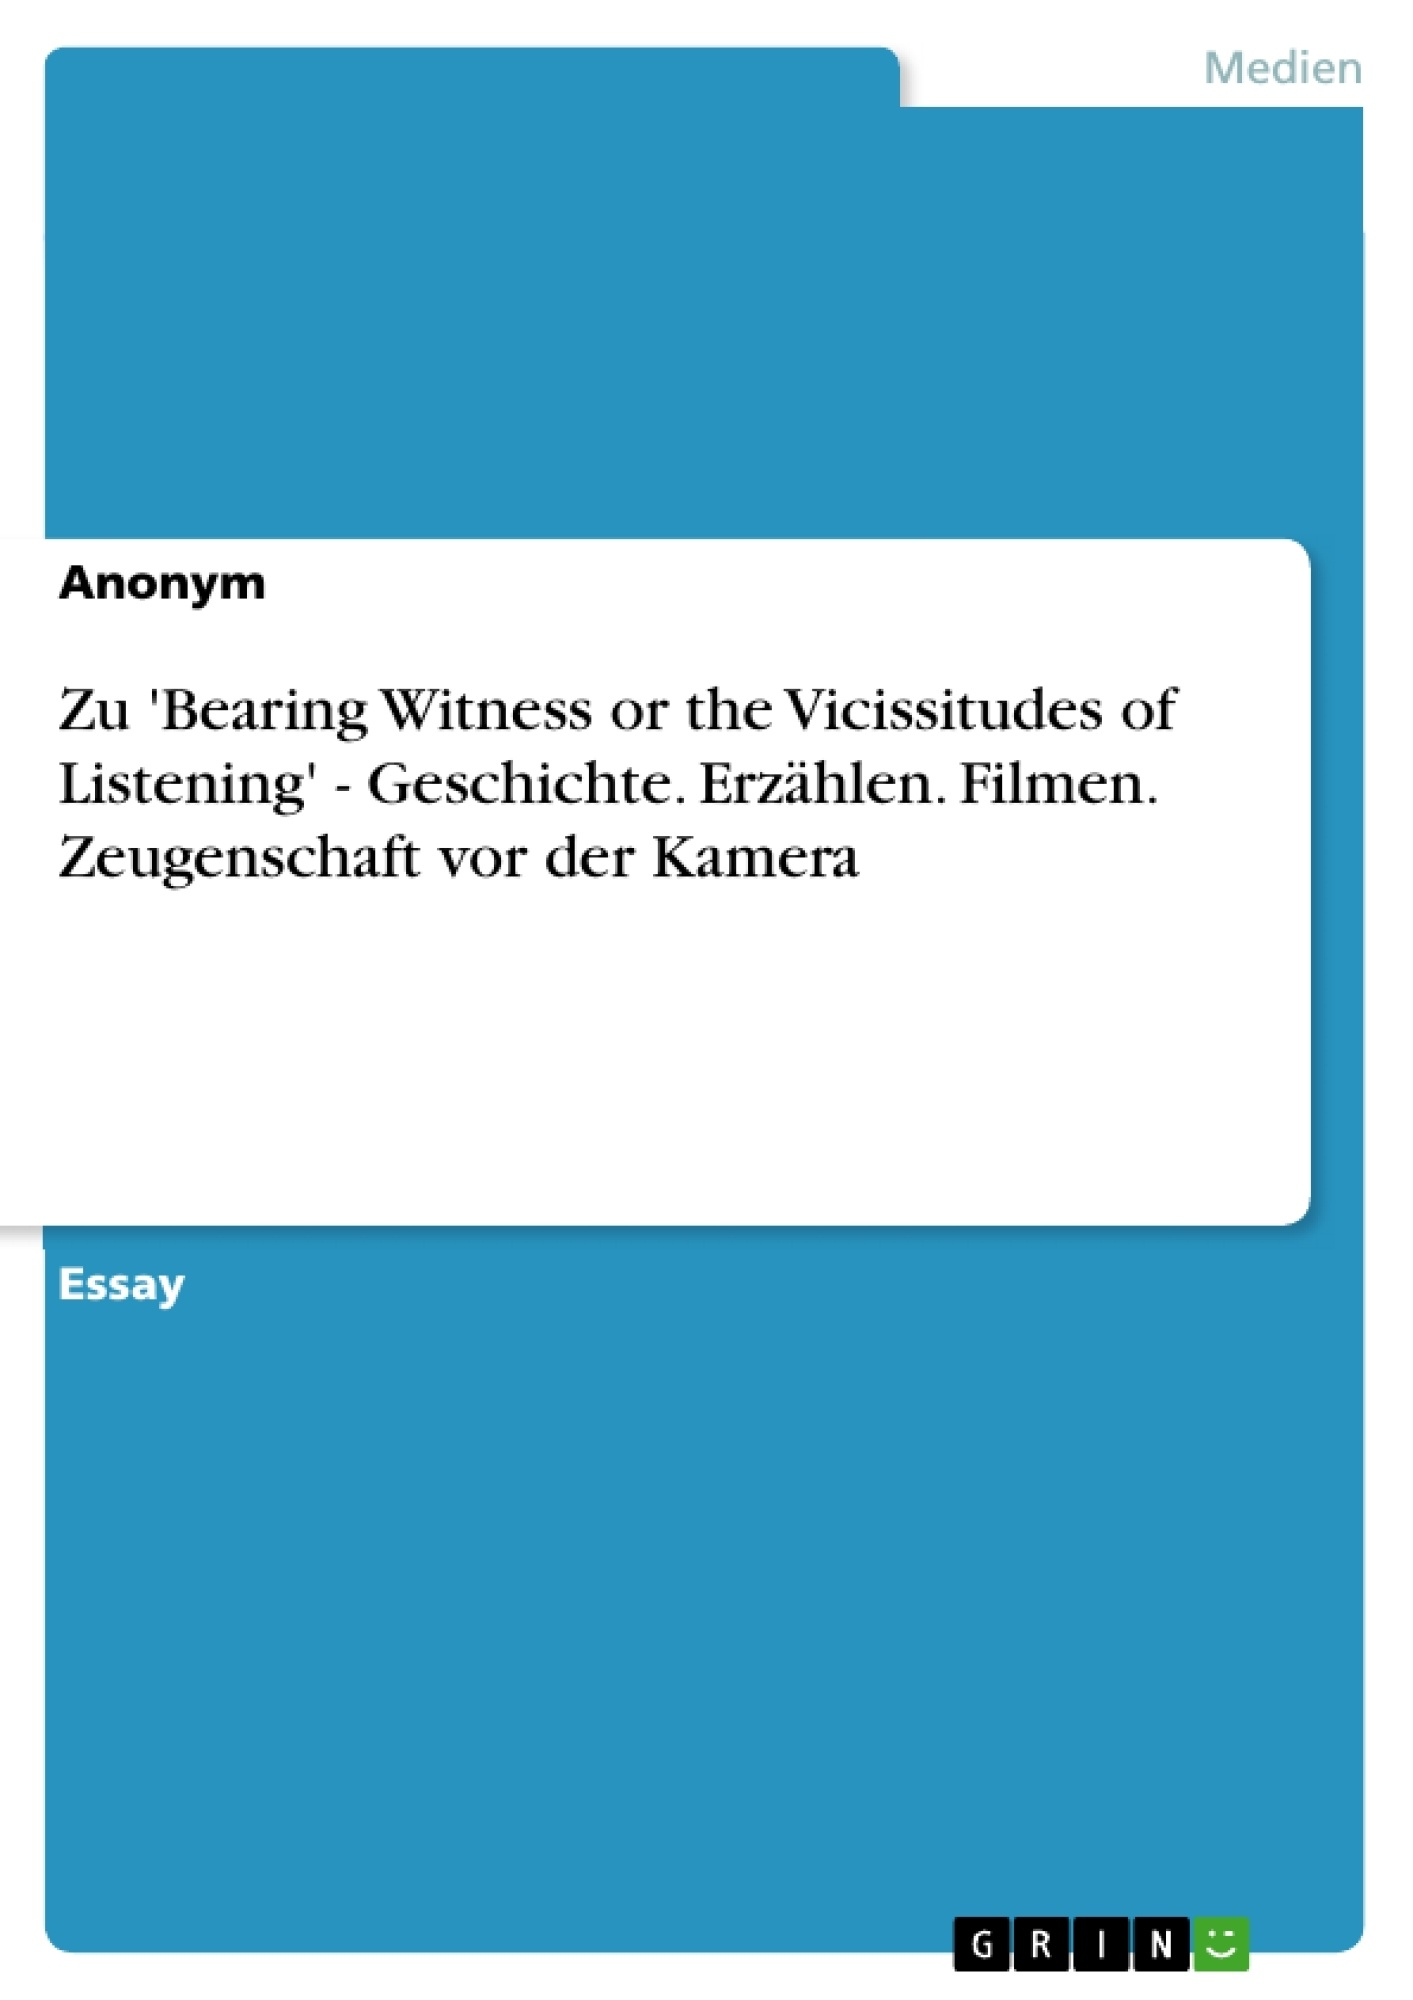 Titel: Zu 'Bearing Witness or the Vicissitudes of Listening' - Geschichte. Erzählen. Filmen. Zeugenschaft vor der Kamera